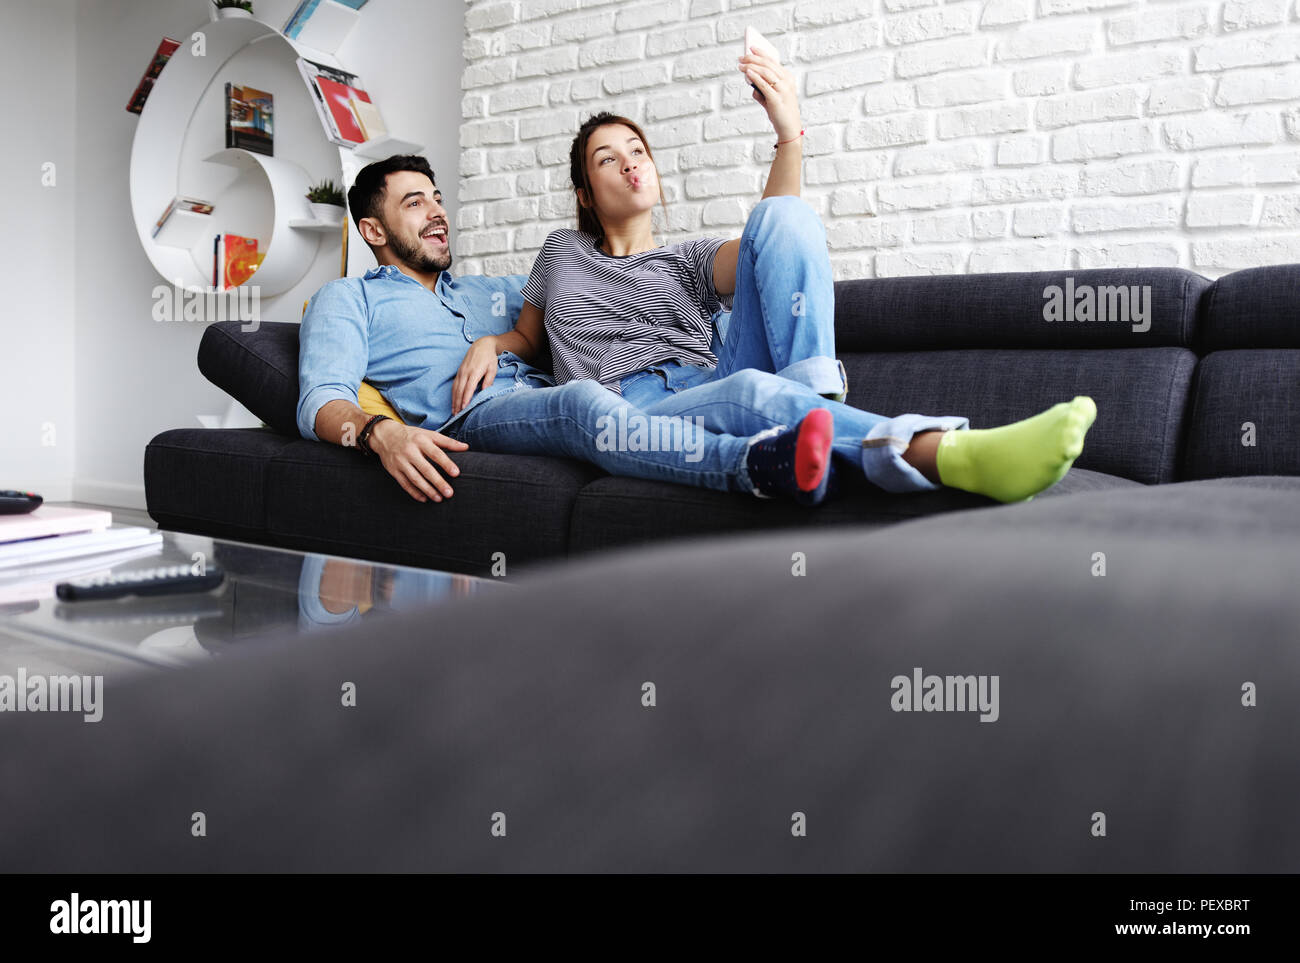 Junges Paar unter Selfie auf dem Sofa zu Hause Stockbild